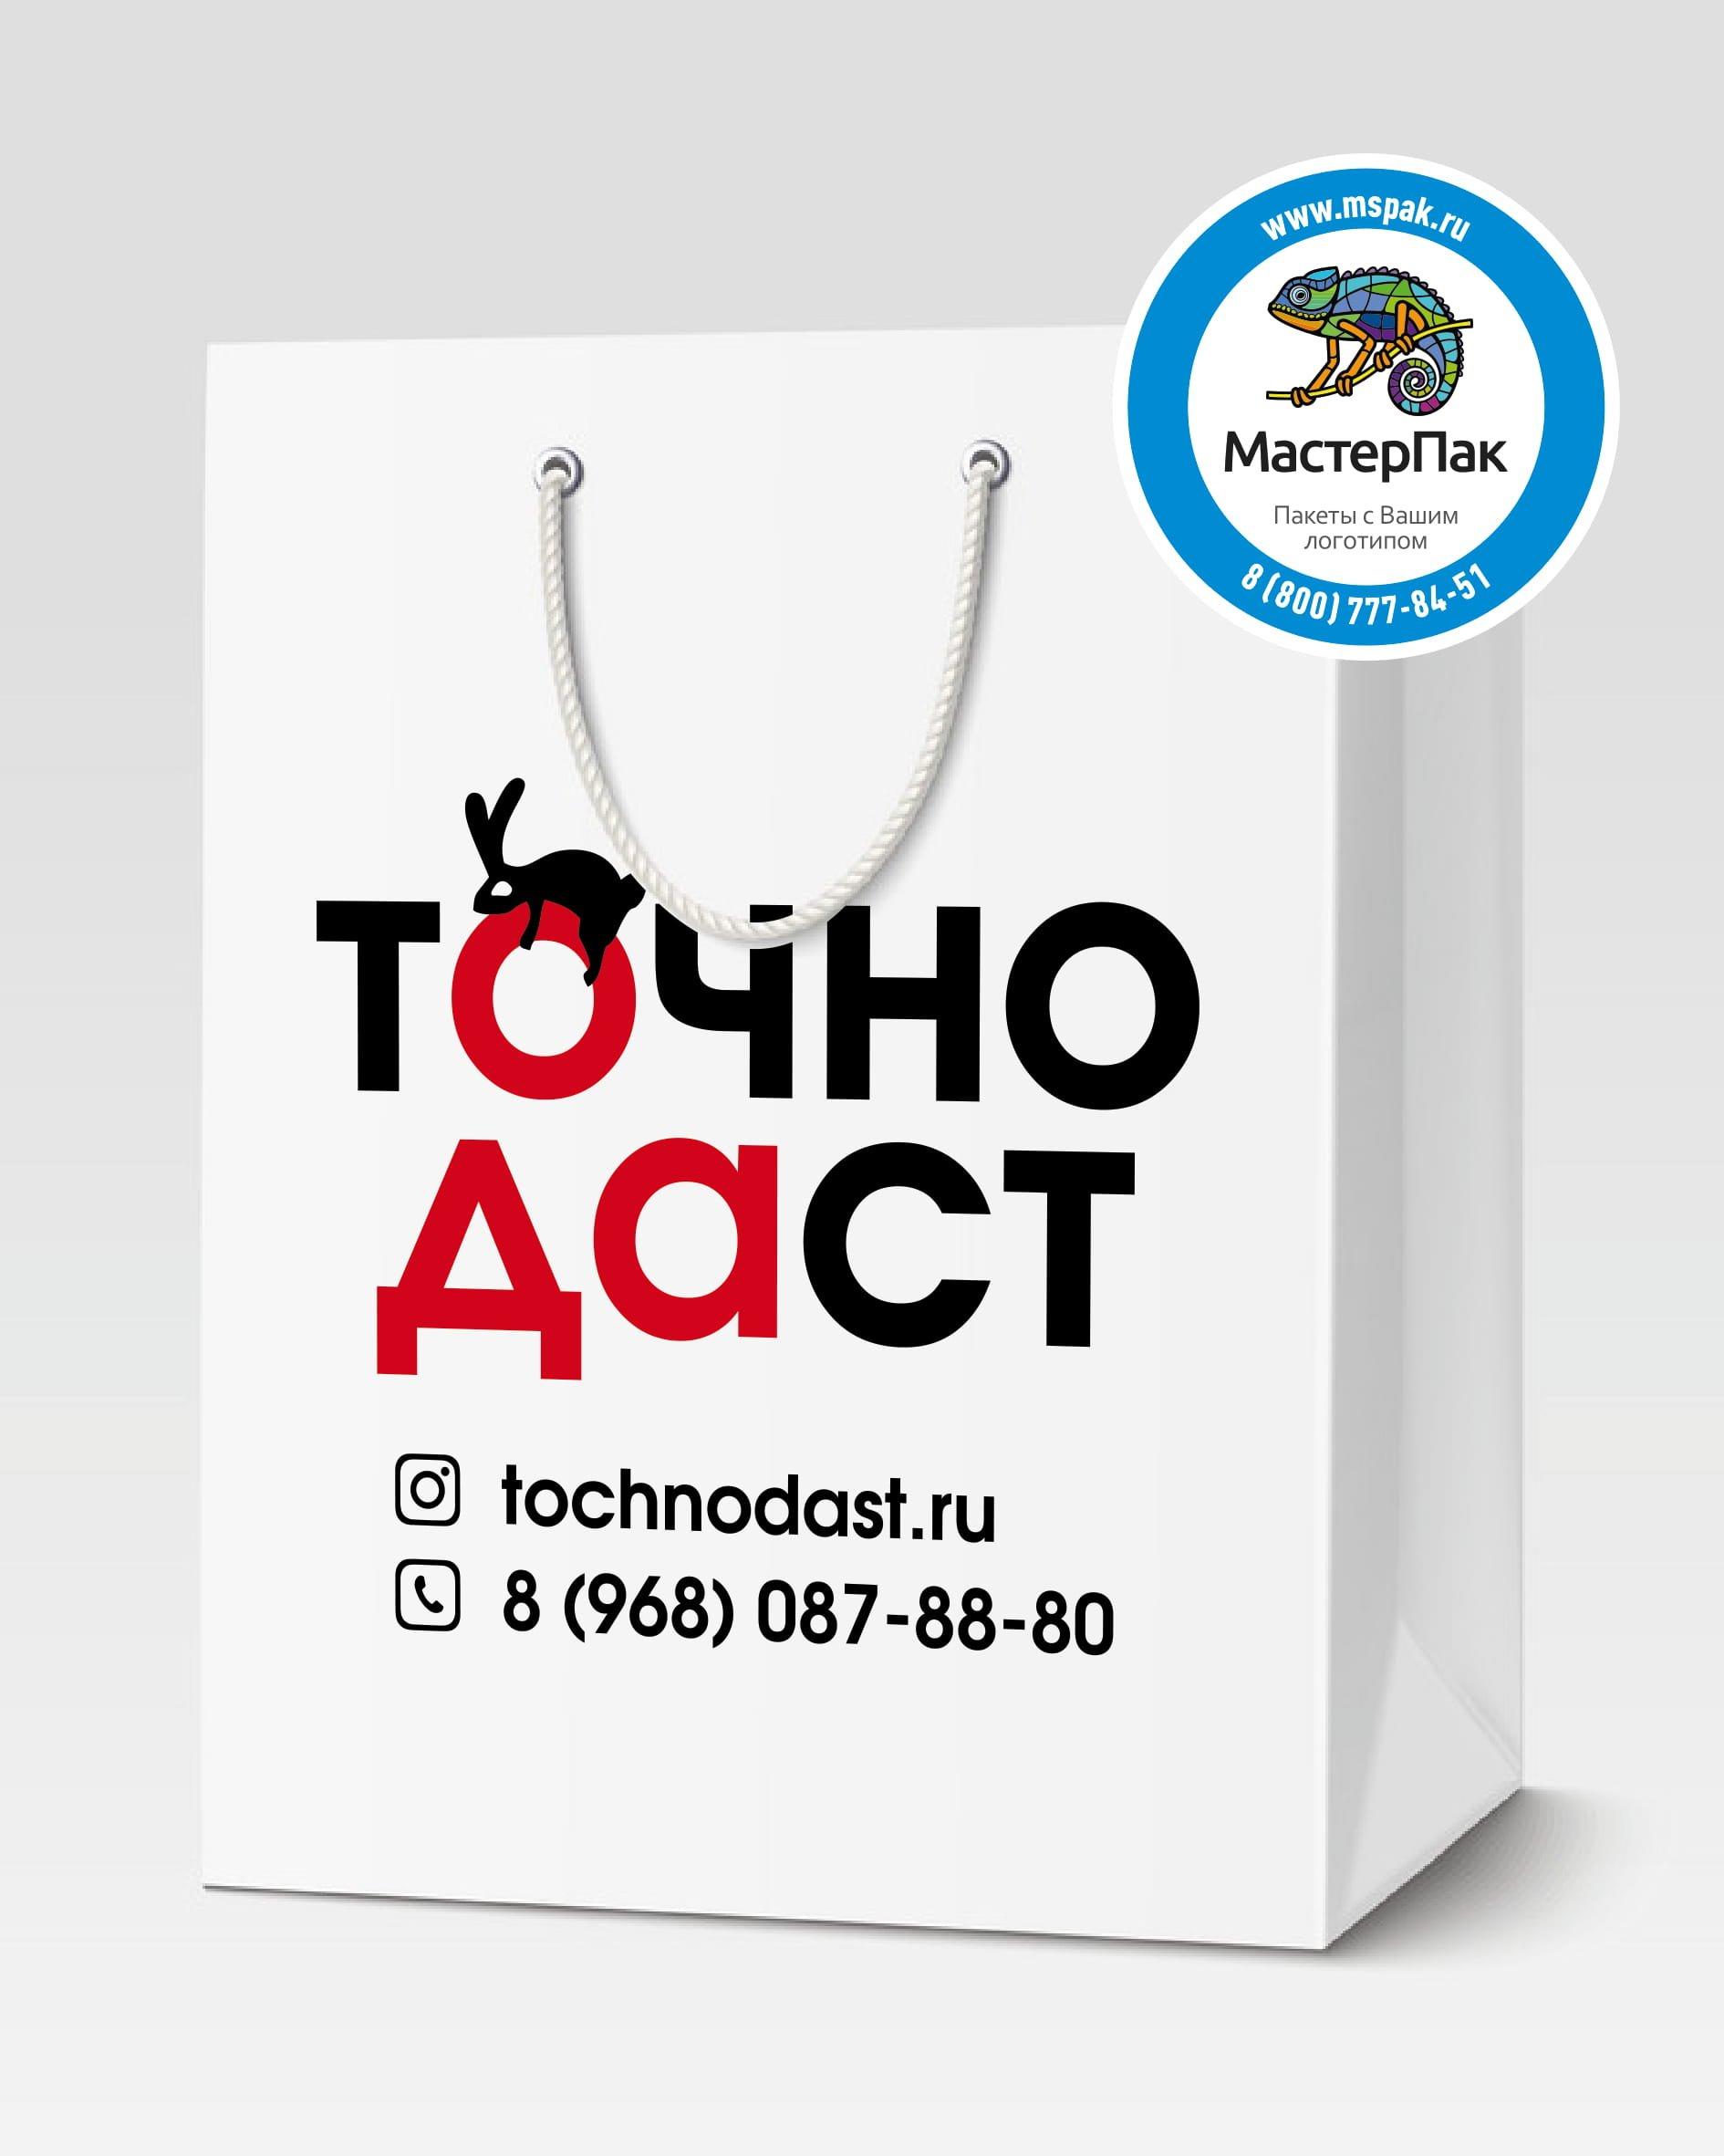 Пакет подарочный, бумажный с логотипом Точно Даст, Москва, 30*40, люверсы